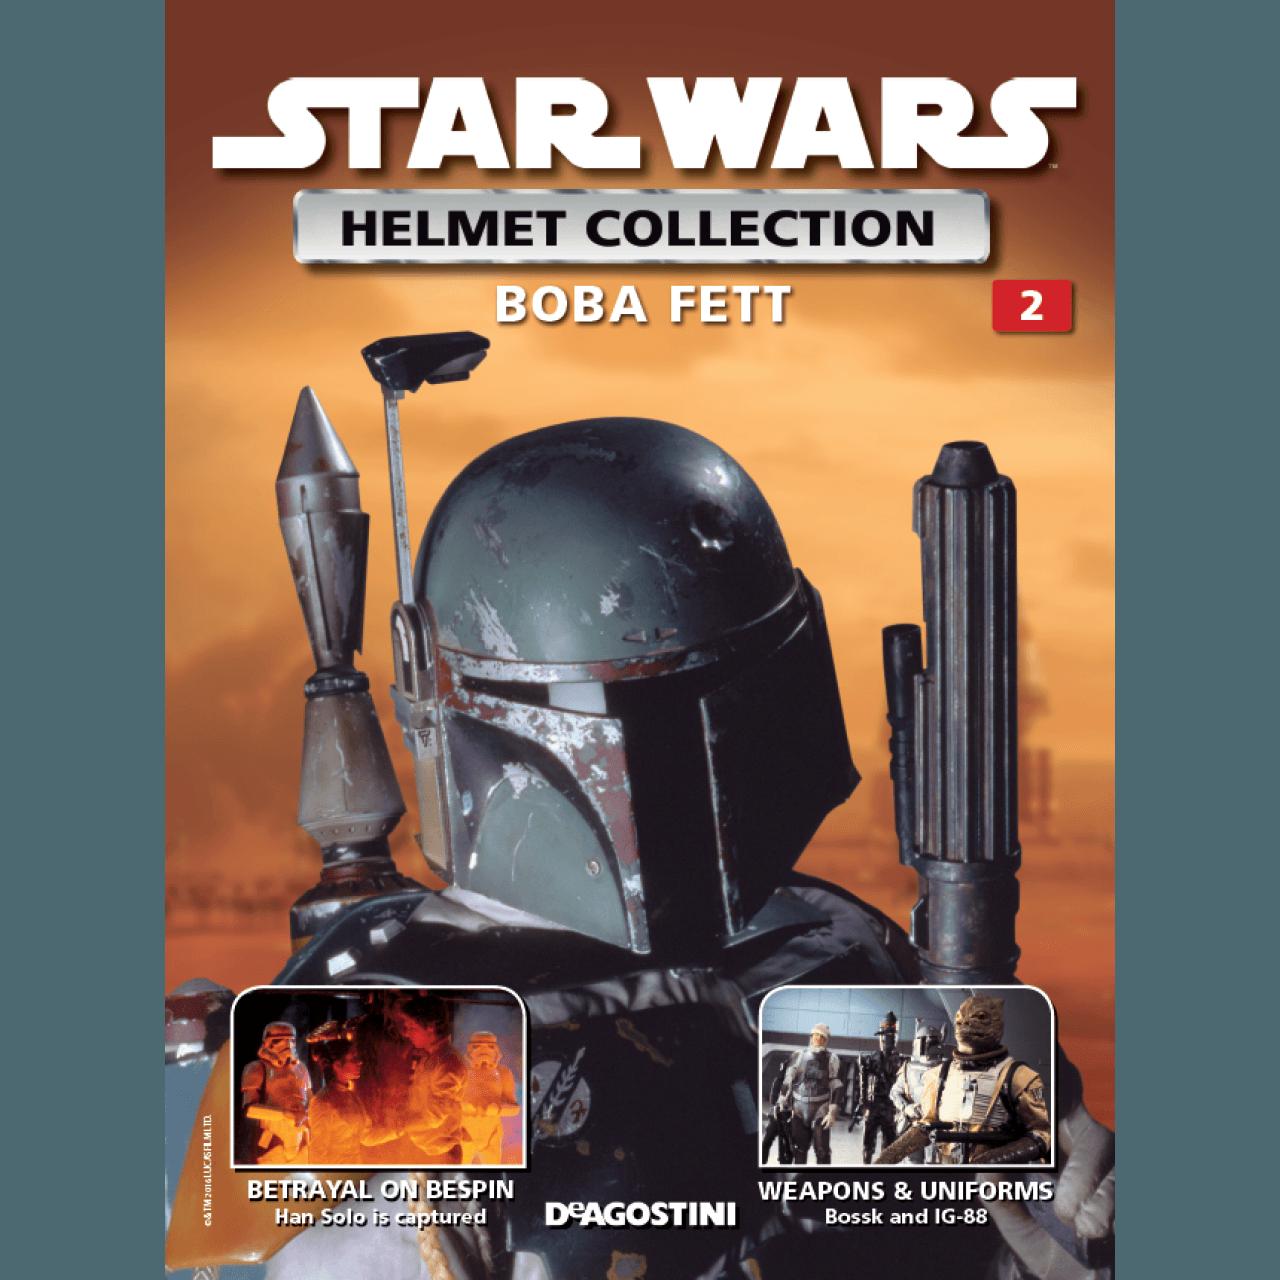 image Star wars compilation pmv